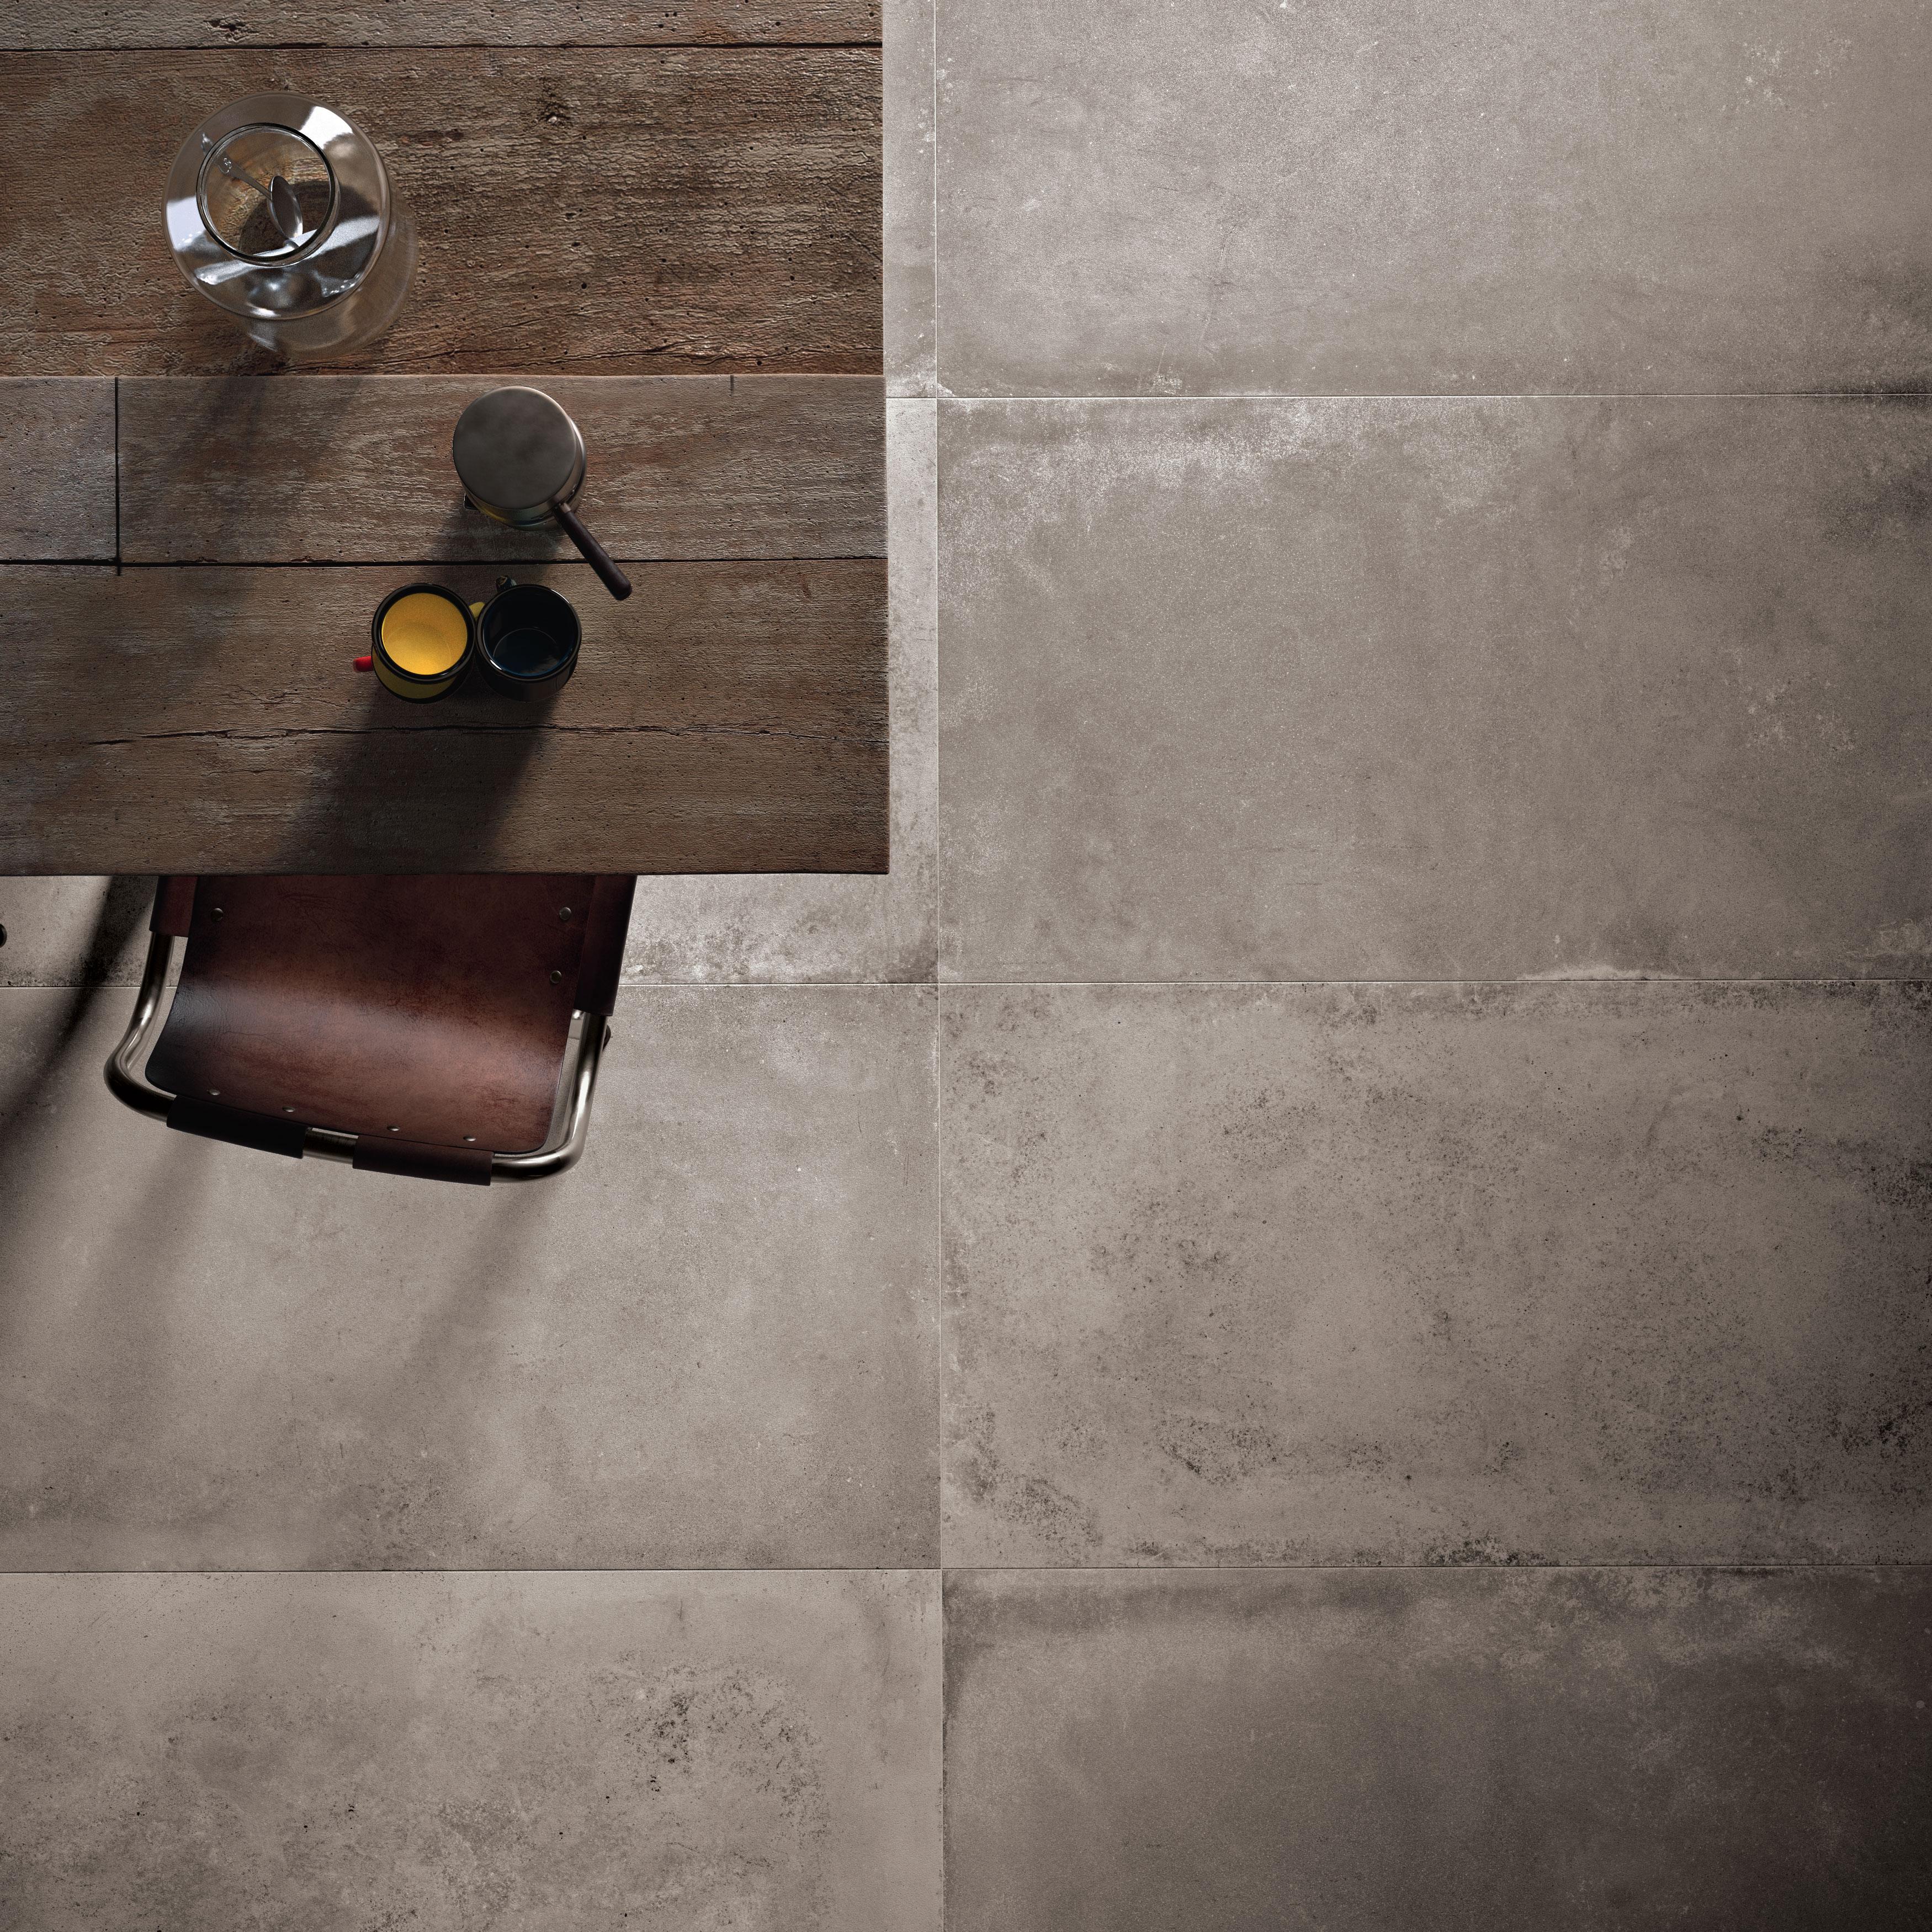 Ambiance beton serie 2 bbm ceramic - Flaviker fliesen ...